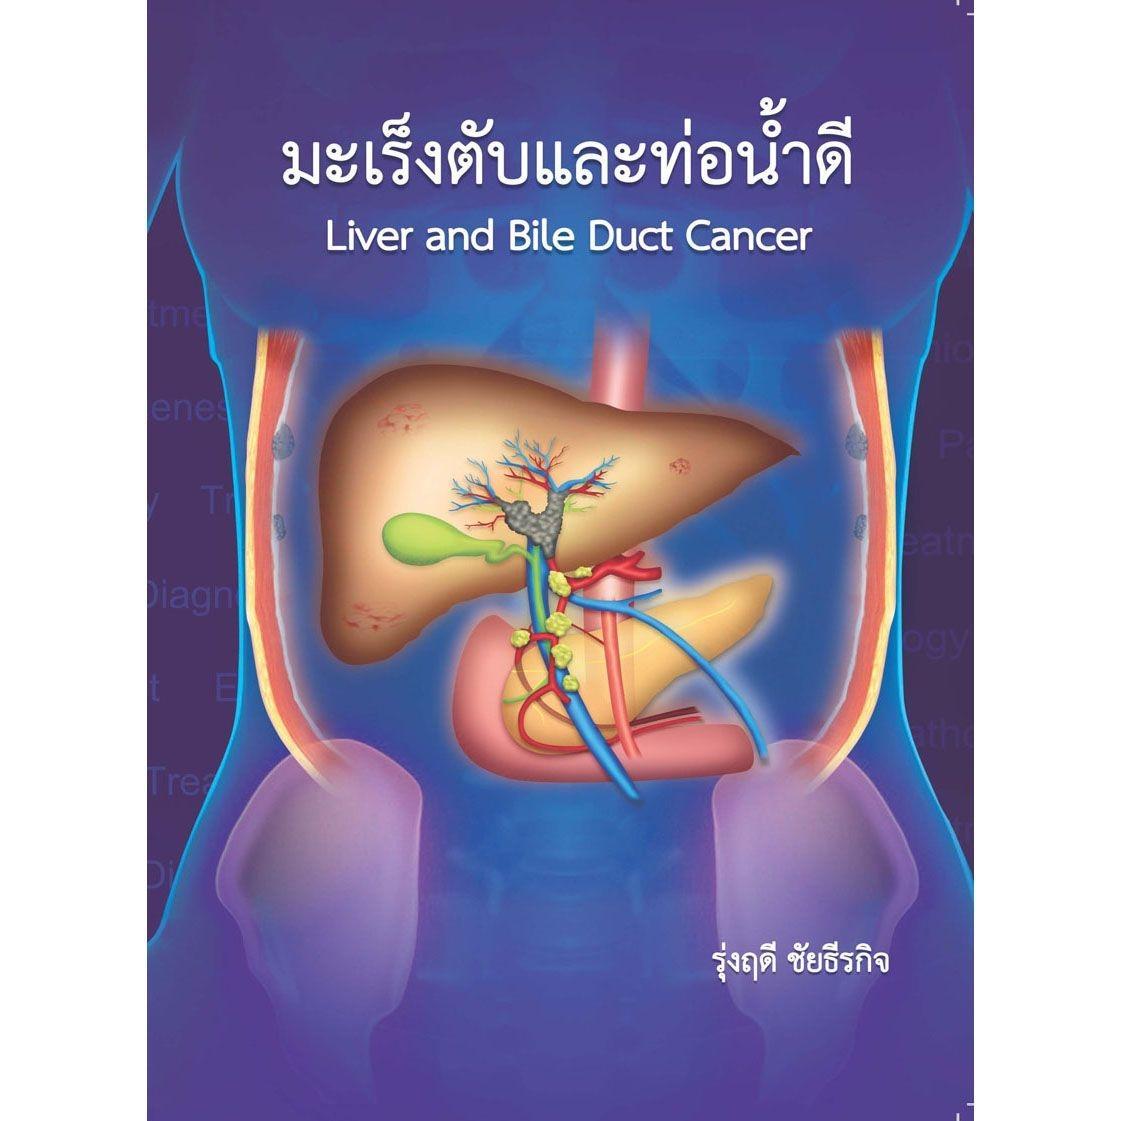 มะเร็งตับและท่อน้ำดี